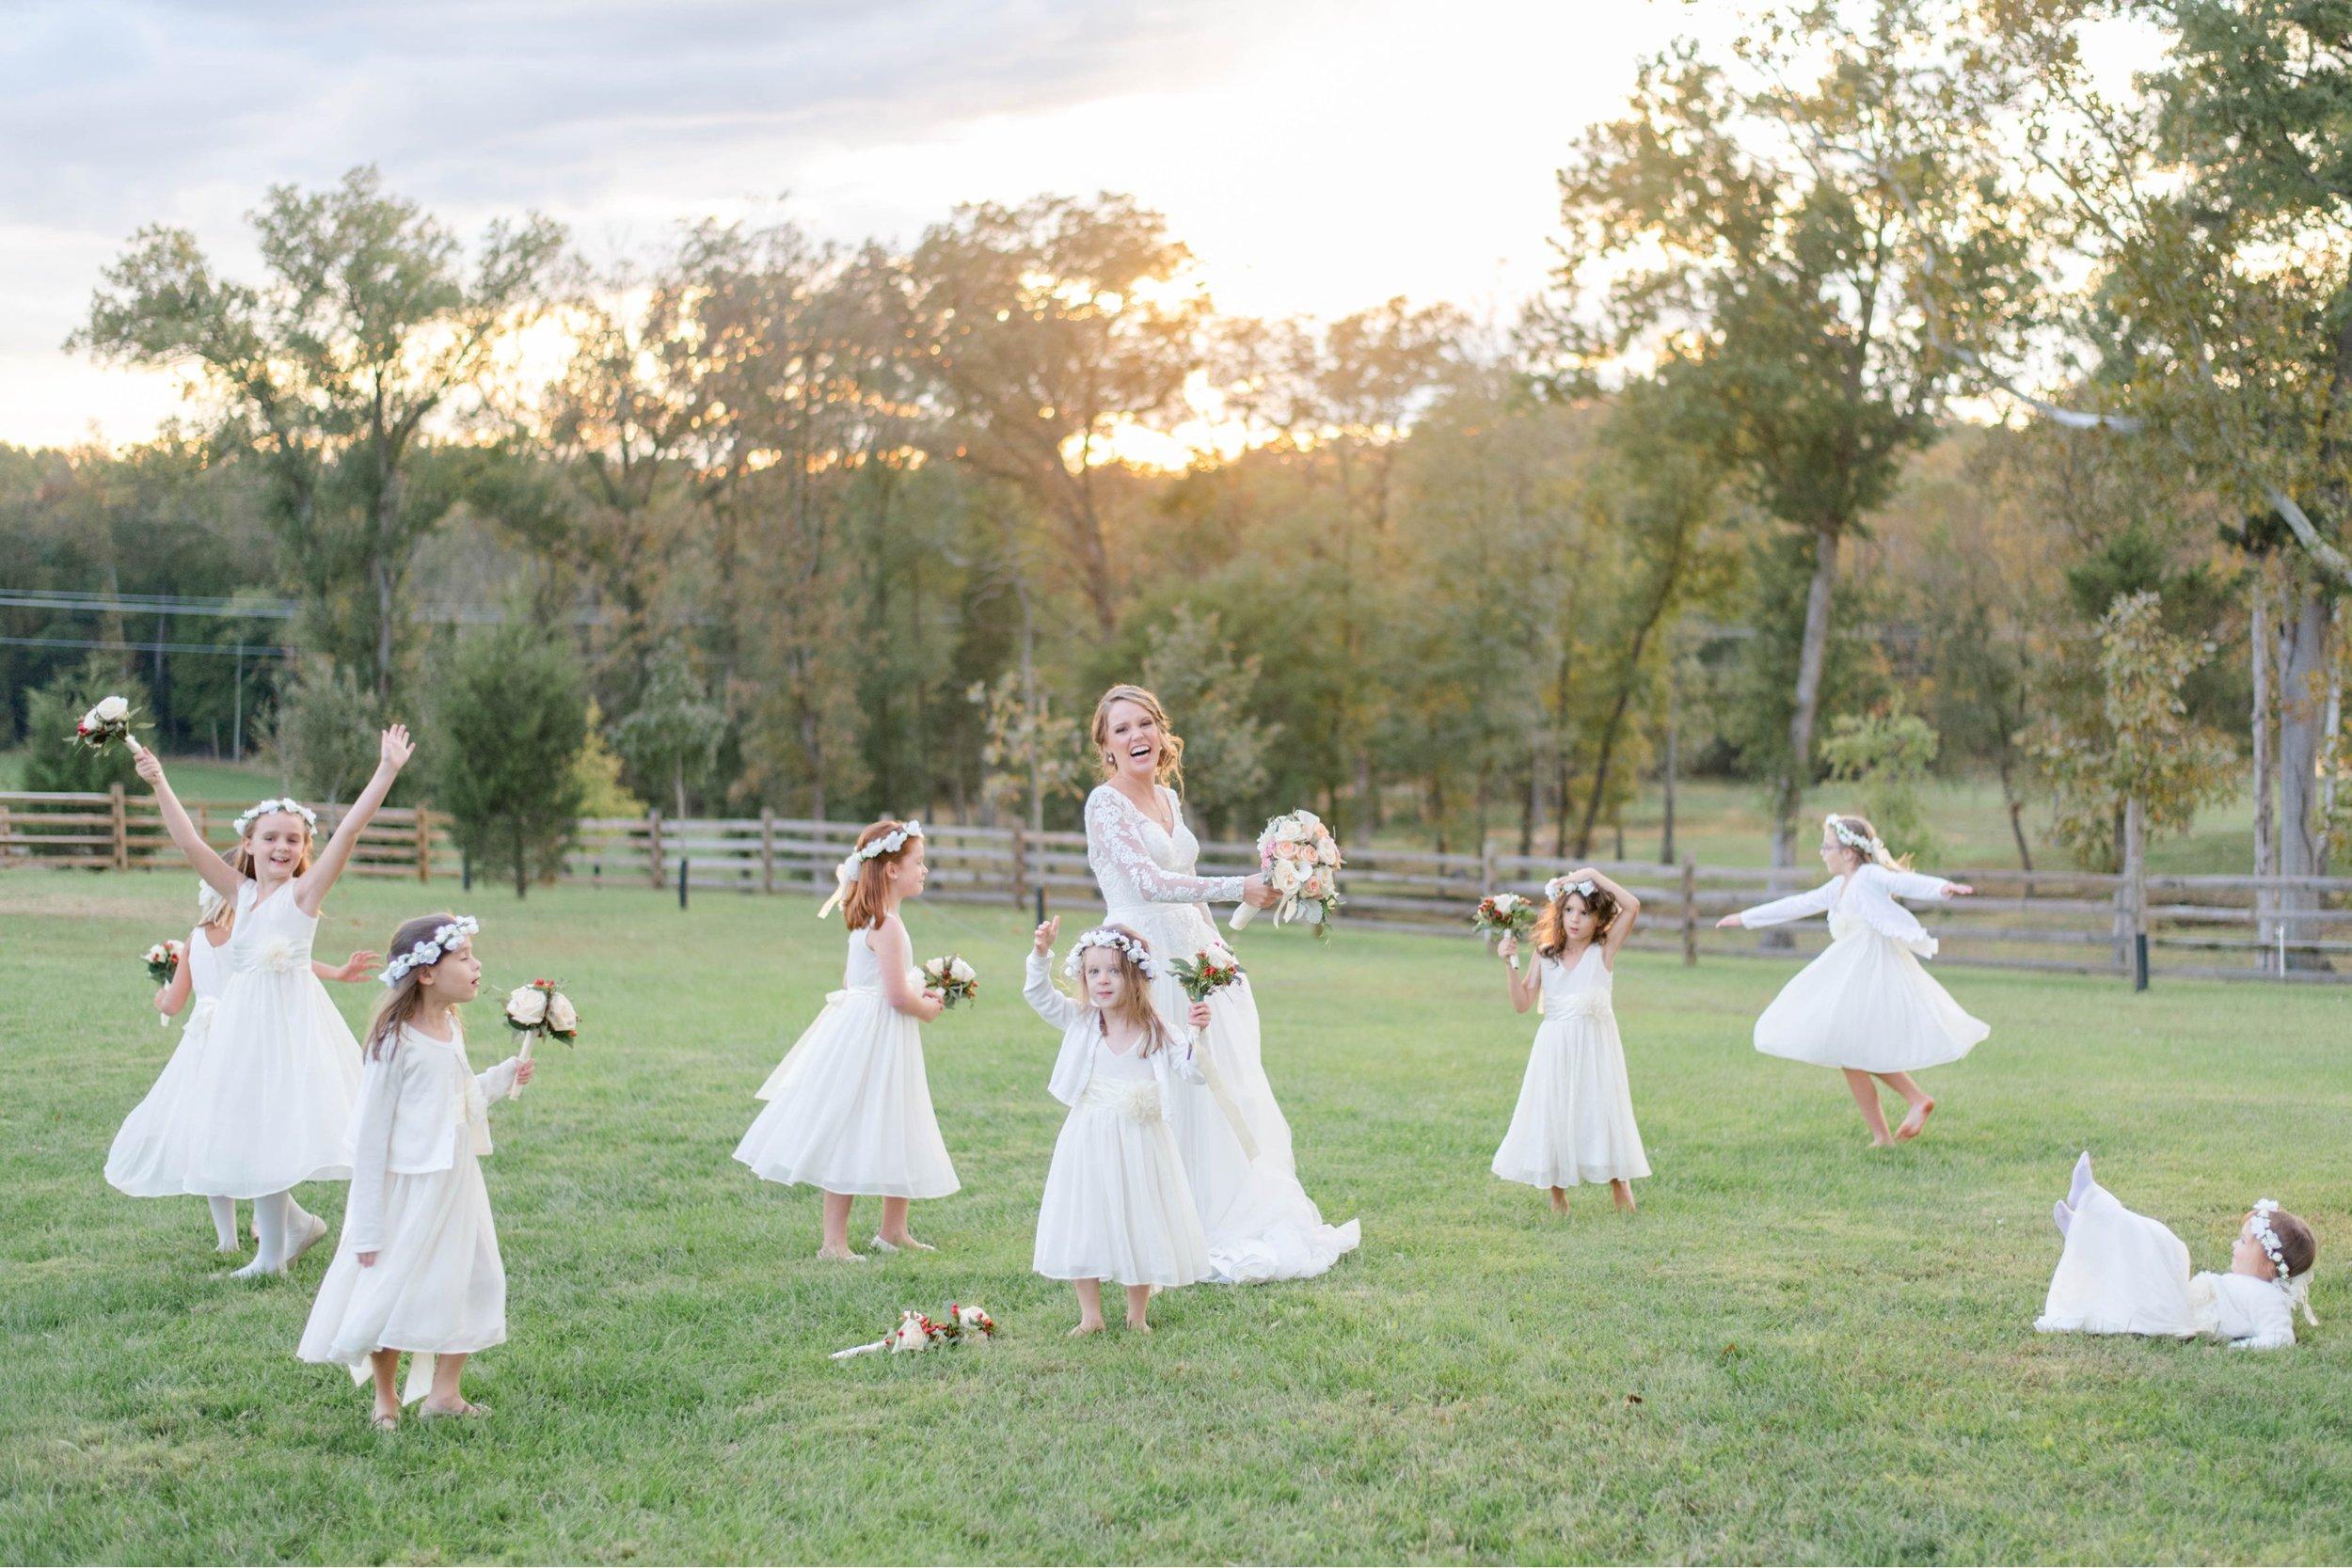 GrantElizabeth_wineryatbullrun_DCwedding_Virginiaweddingphotographer 36.jpg